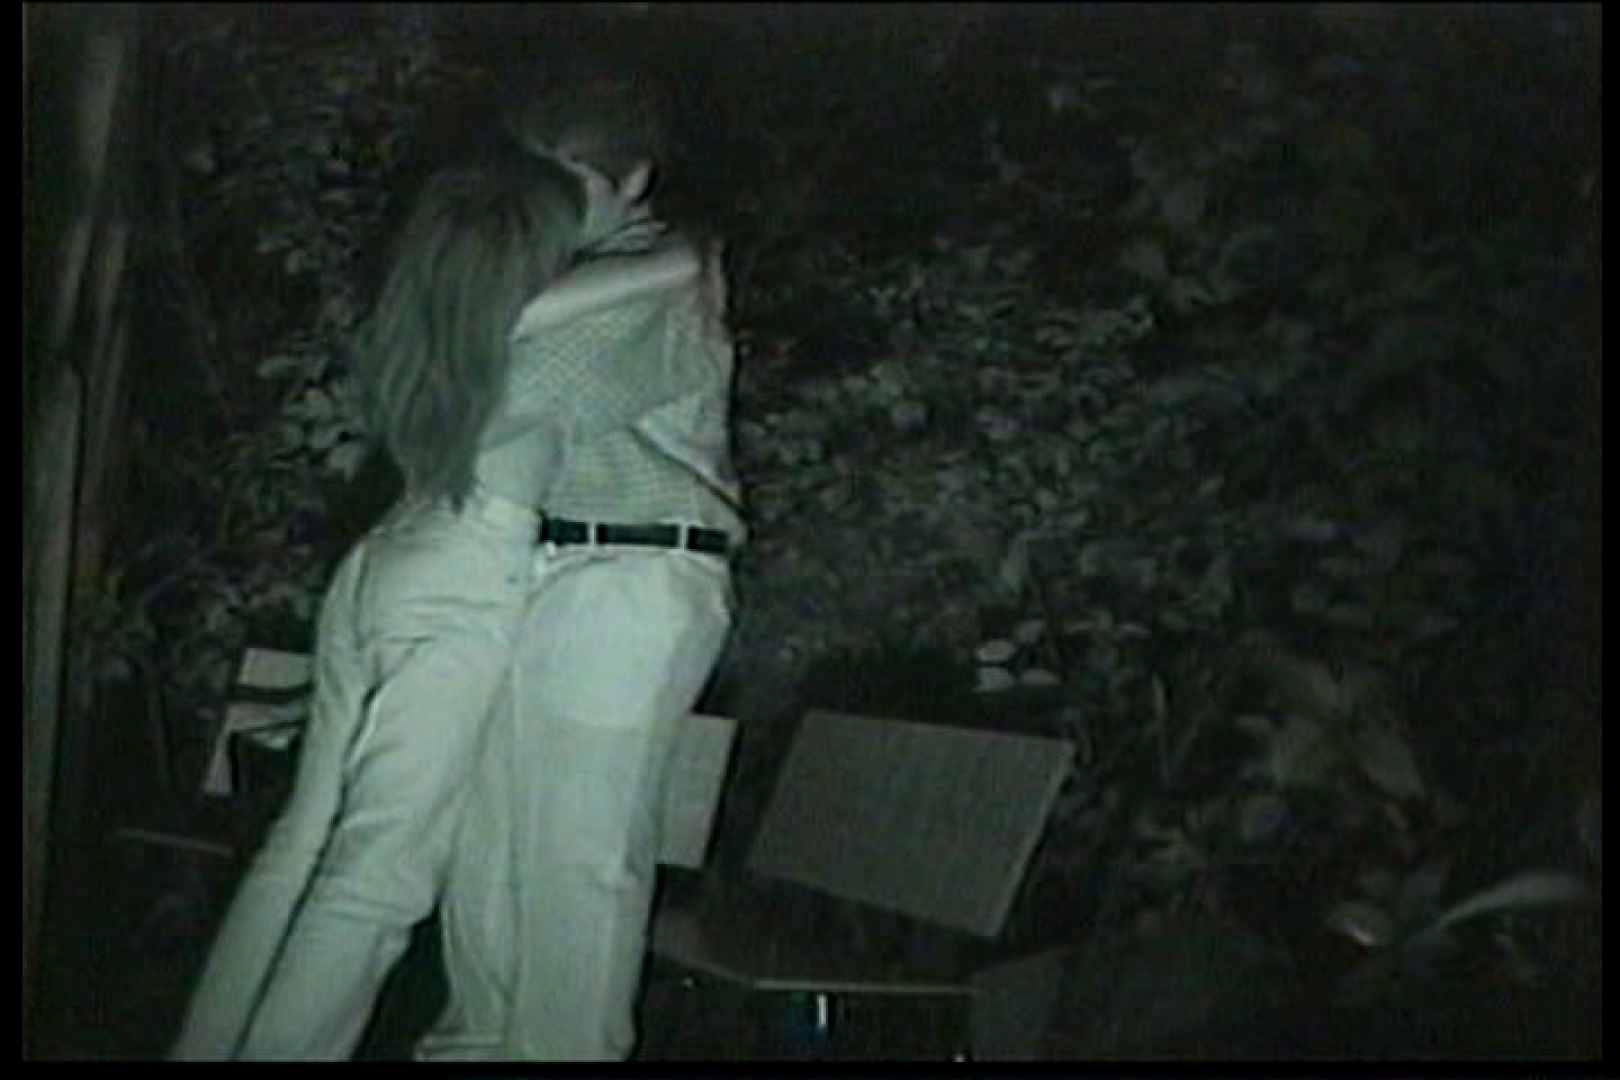 闇の仕掛け人 無修正版 Vol.16 カップルのセックス のぞき動画画像 78PIX 59